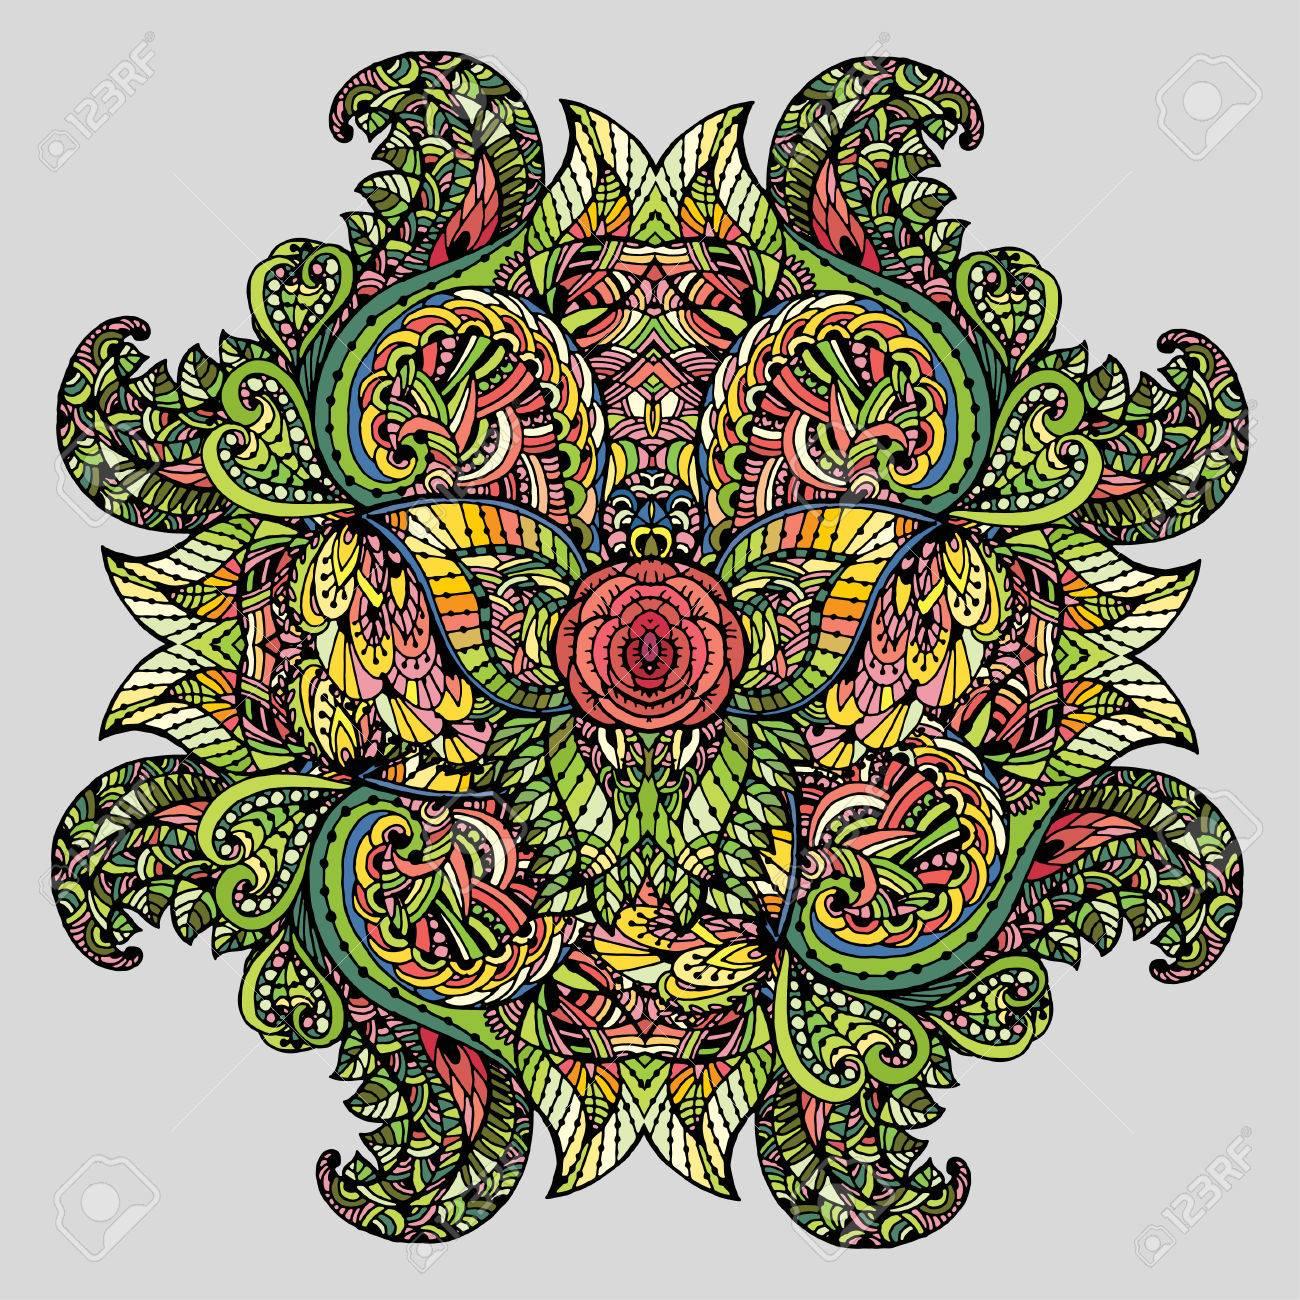 Doodle Imagen Dibujo Para Colorear La Mandalait Puede Ser Utilizado Como Un Elemento De Diseño Decorativo Para Libros Para Colorear La Ropa Para